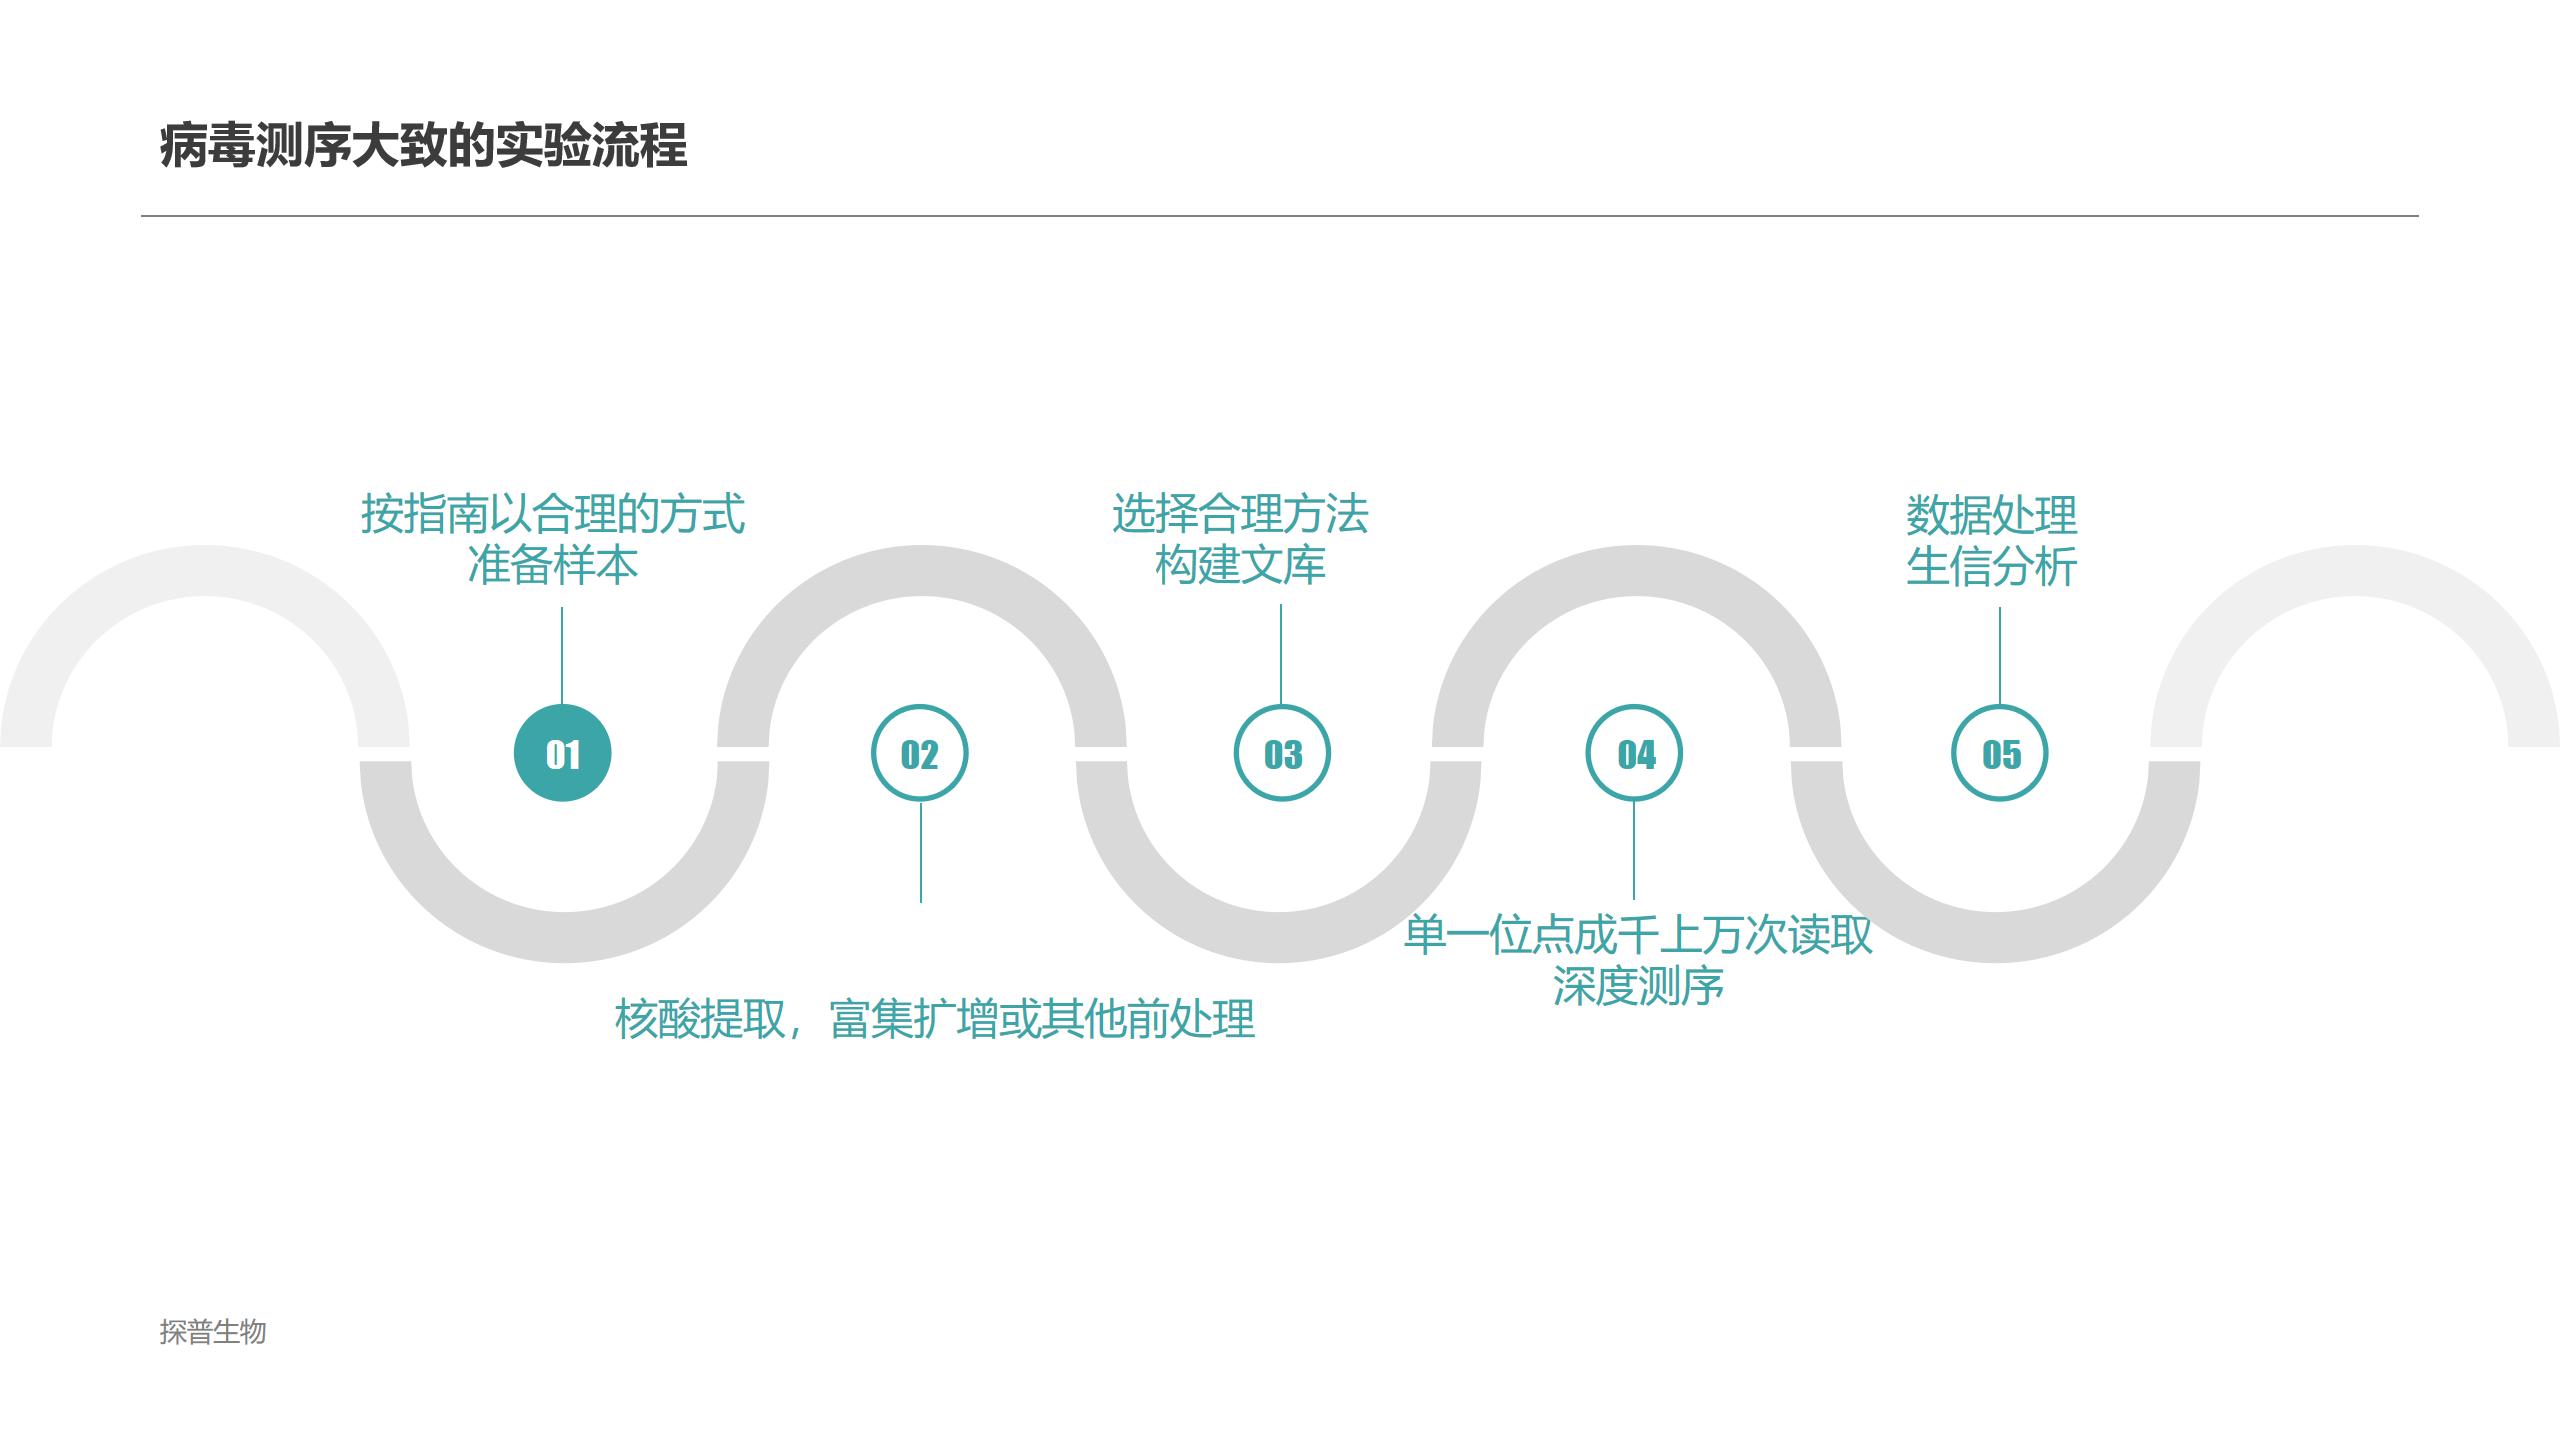 北京知名未知病原鉴定多少钱 客户至上「上海探普生物科技供应」